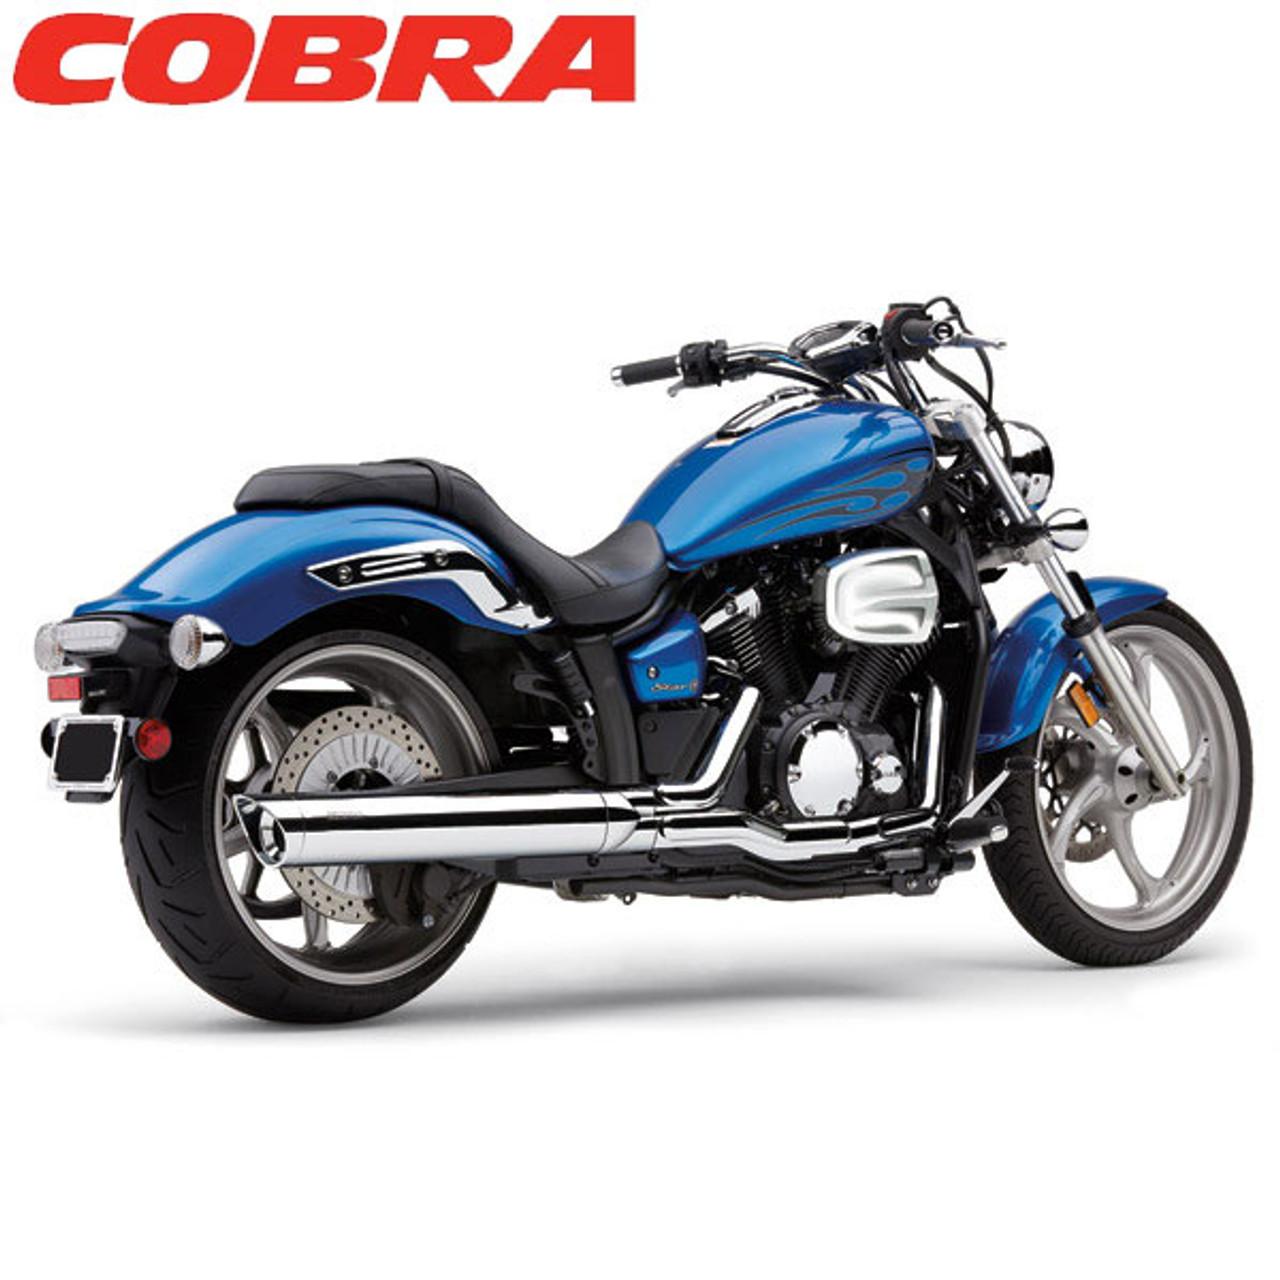 cobra yamaha v star 1300 07 15 4 slip on muffler with scalloped tips